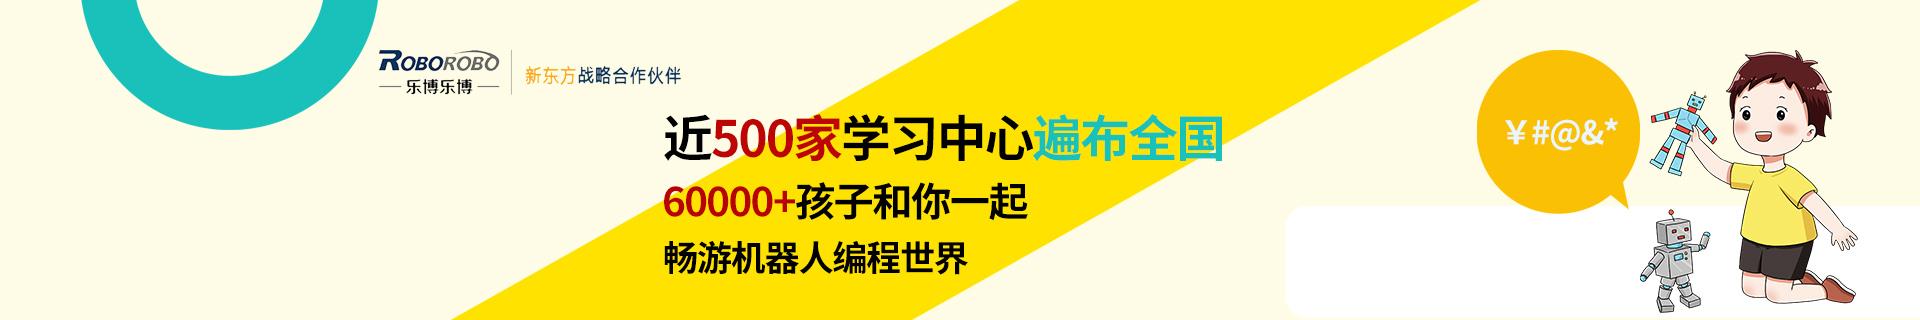 深圳福田区百花七路乐博乐博少儿编程